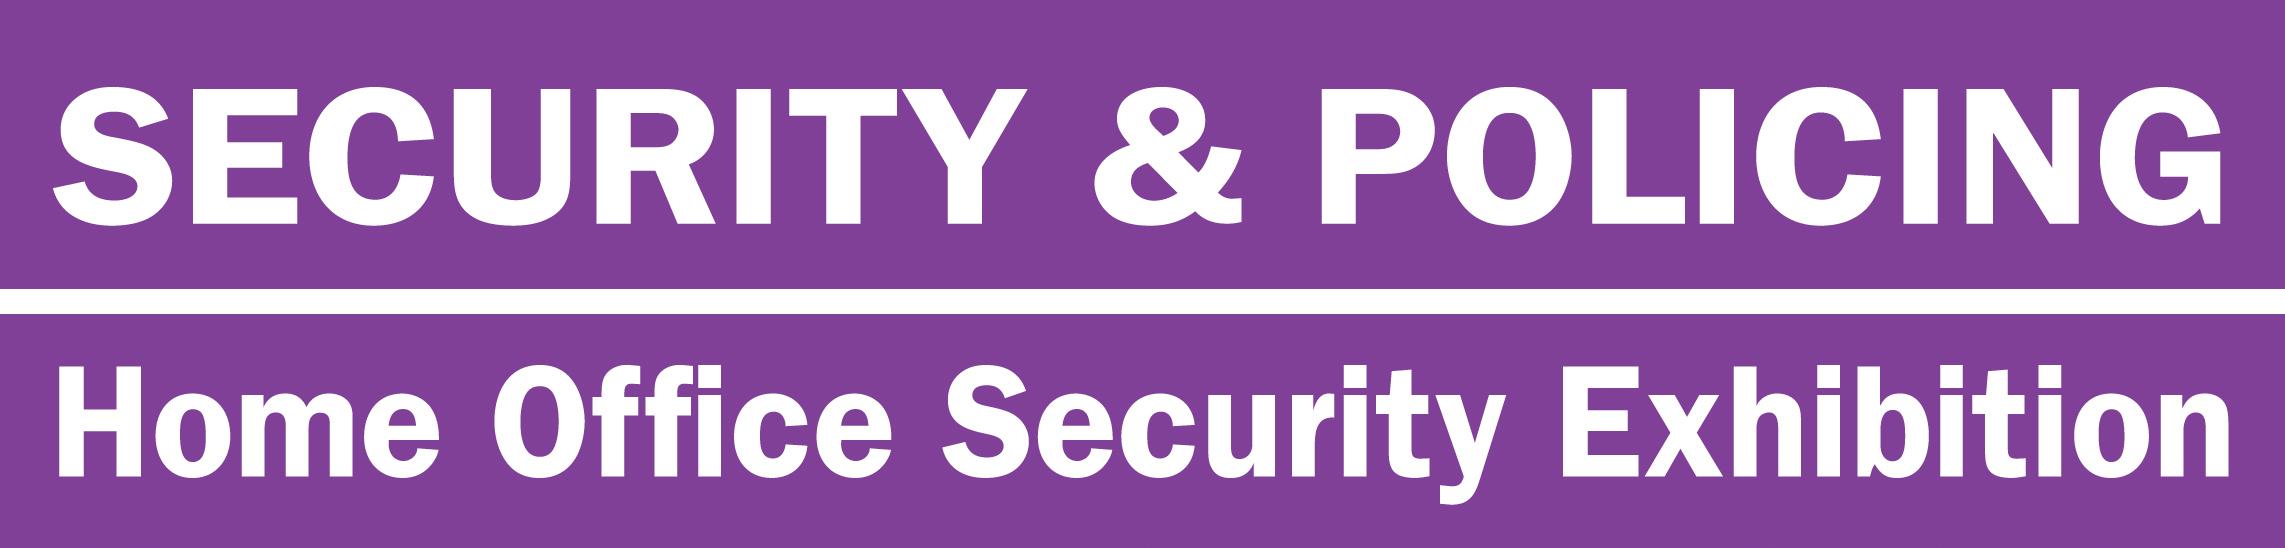 IPS expositor en Security & Policing